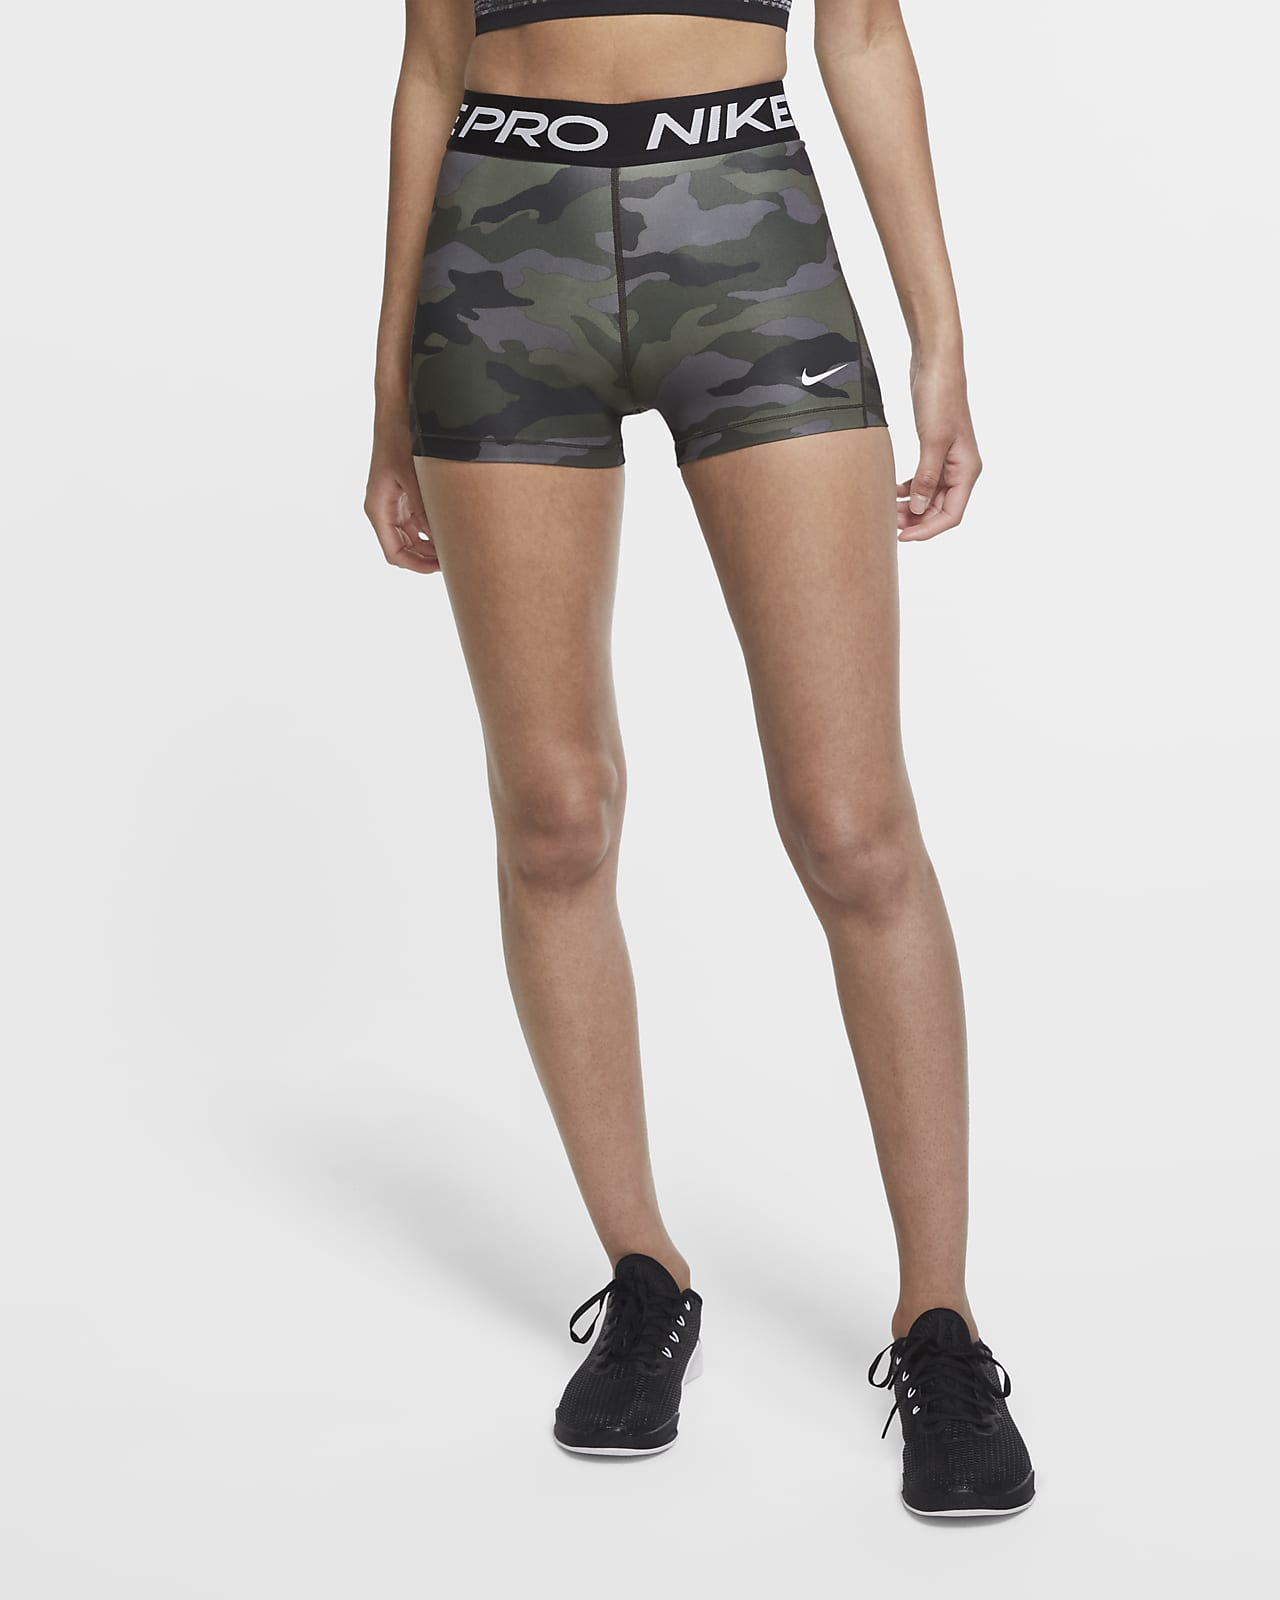 Женские шорты с камуфляжным принтом Nike Pro